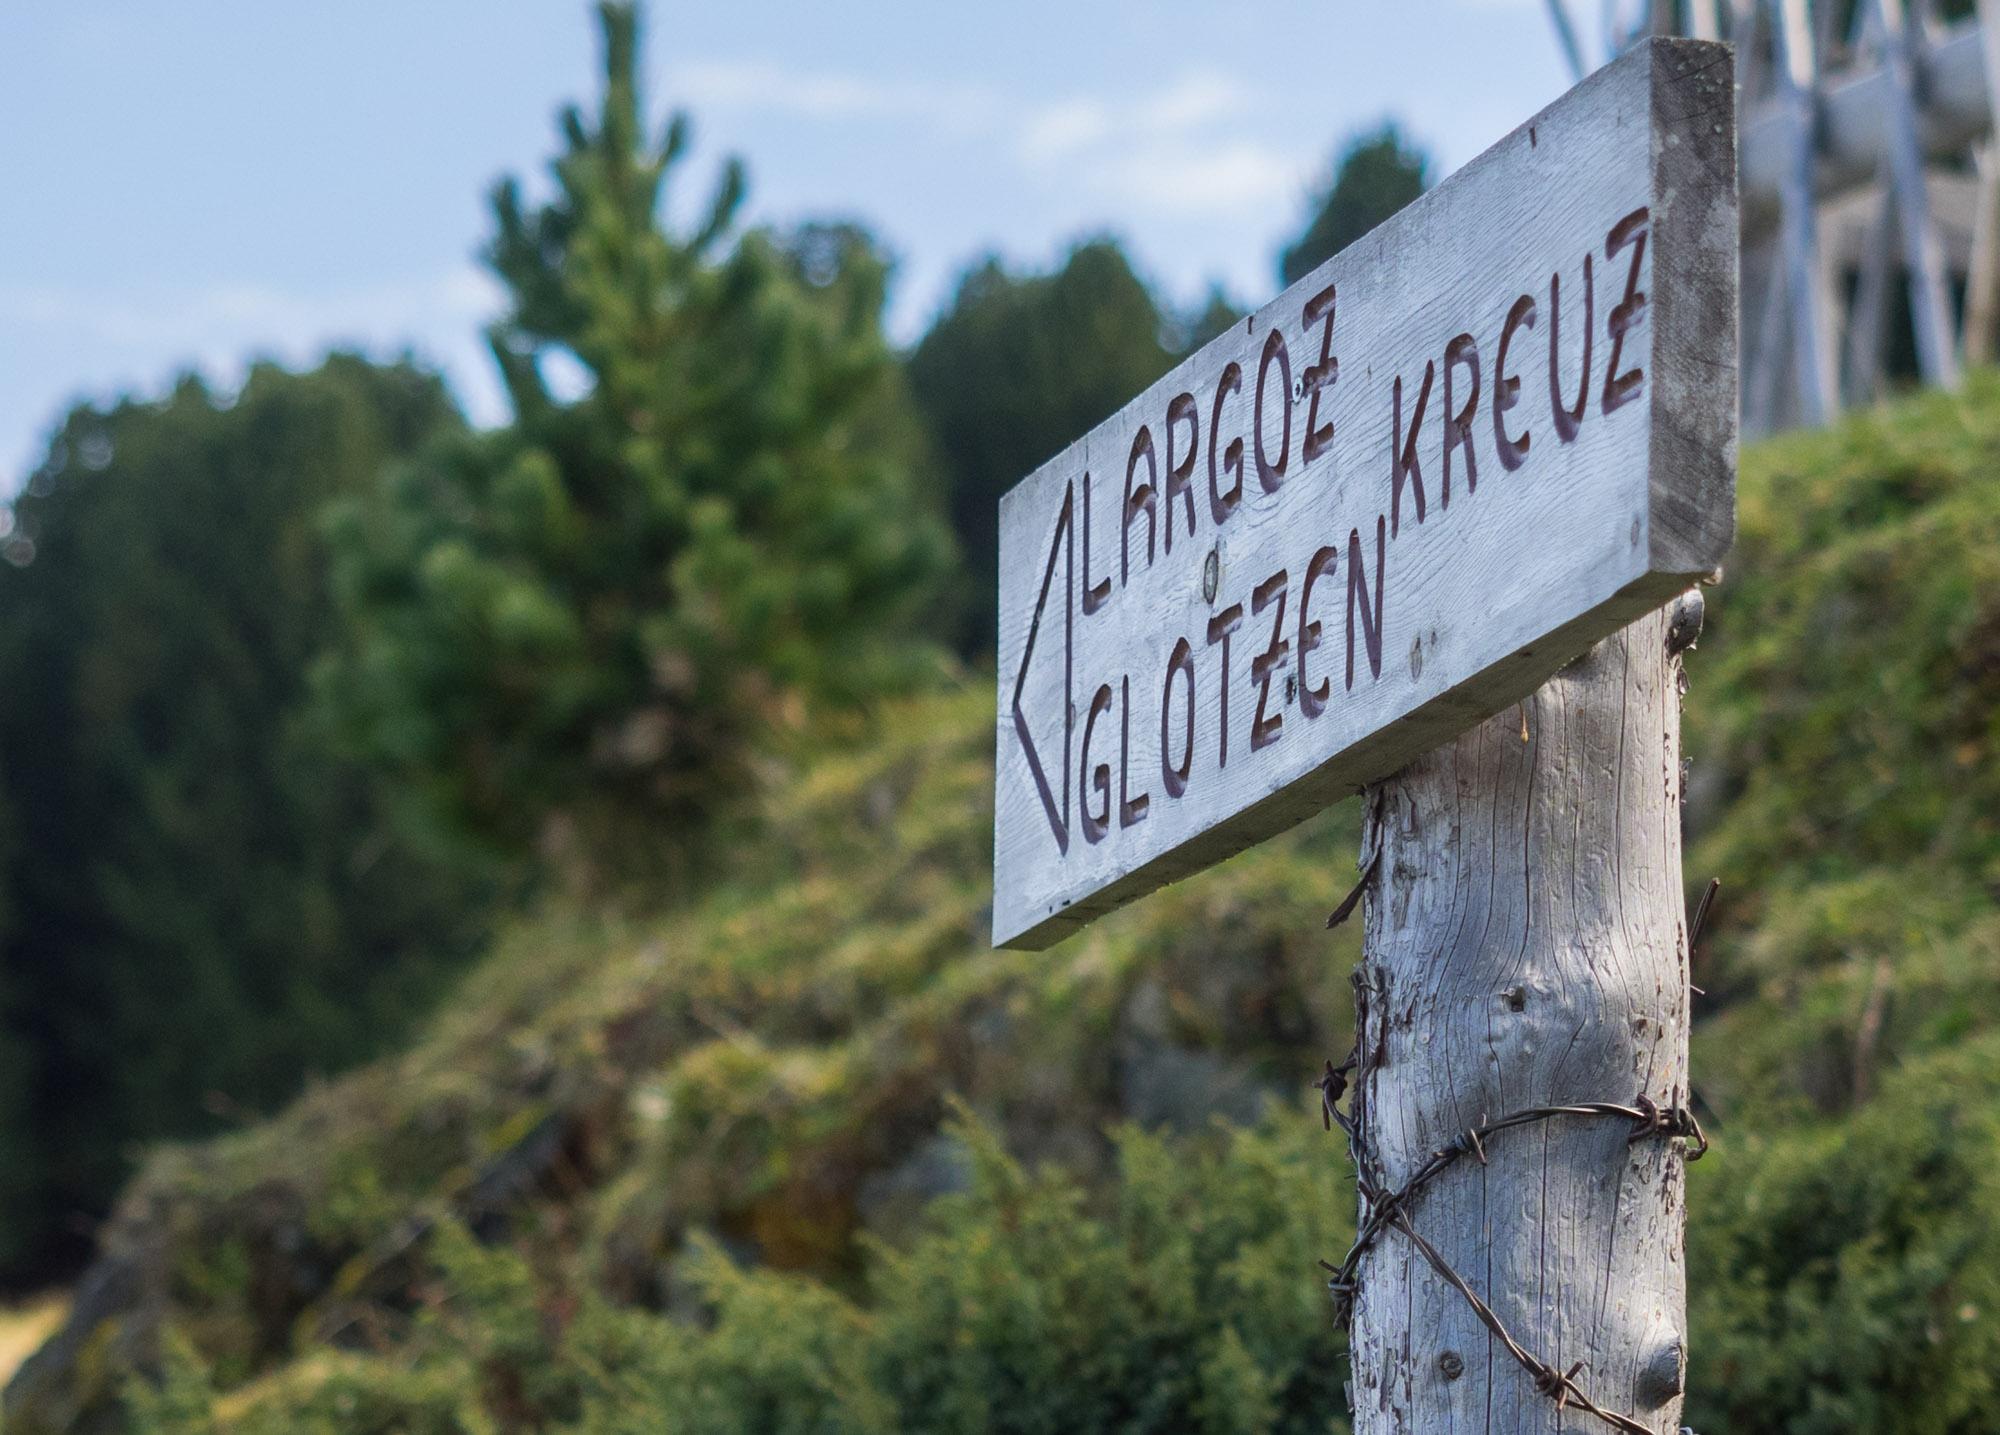 Wegweiser zum Largozkreuz und Glotzenkreuz